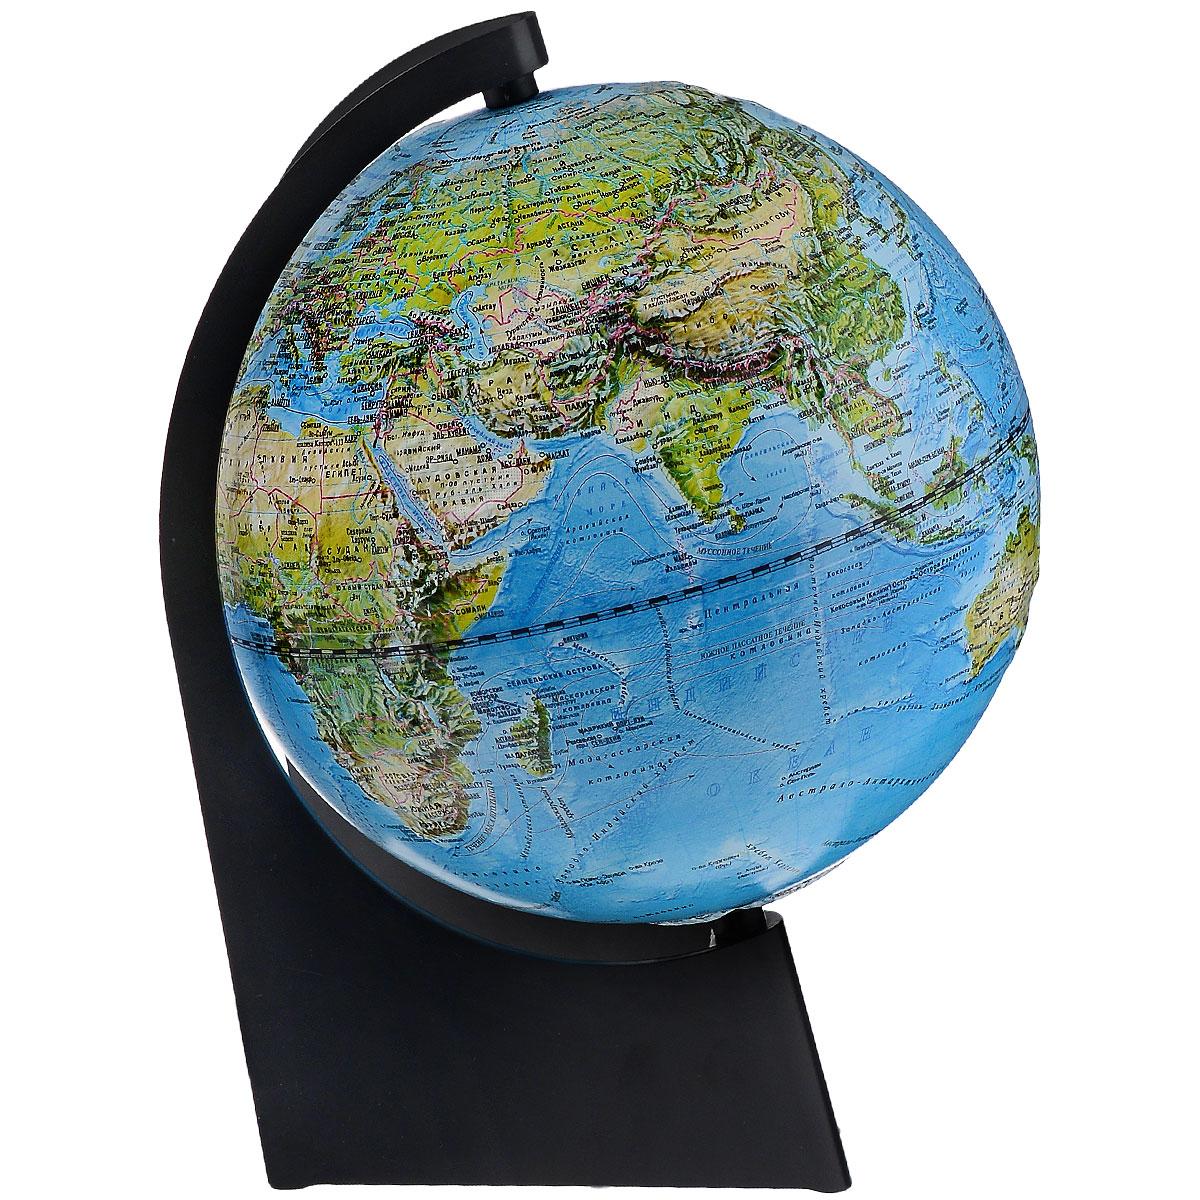 Географический рельефный глобус с физической и политической картой мира станет незаменимым атрибутом обучения не только школьника, но и студента. На глобусе отображены линии картографической сетки, гидрографическая сеть, рельеф суши и морского дна, крупнейшие населенные пункты, теплые и холодные течения. На глобусе также указаны названия стран и их границы.  Глобус является уменьшенной и практически не искаженной моделью Земли и предназначен для использования в качестве наглядного картографического пособия, а также для украшения интерьера квартир, кабинетов и офисов. Красочность, повышенная наглядность визуального восприятия взаимосвязей, отображенных на глобусе объектов и явлений, в сочетании с простотой выполнения по нему различных измерений делают глобус доступным широкому кругу потребителей для получения разнообразной познавательной, научной и справочной информации о Земле. Глобус на оригинальной пластиковой подставке, с подсветкой. Масштаб: 1:60000000.